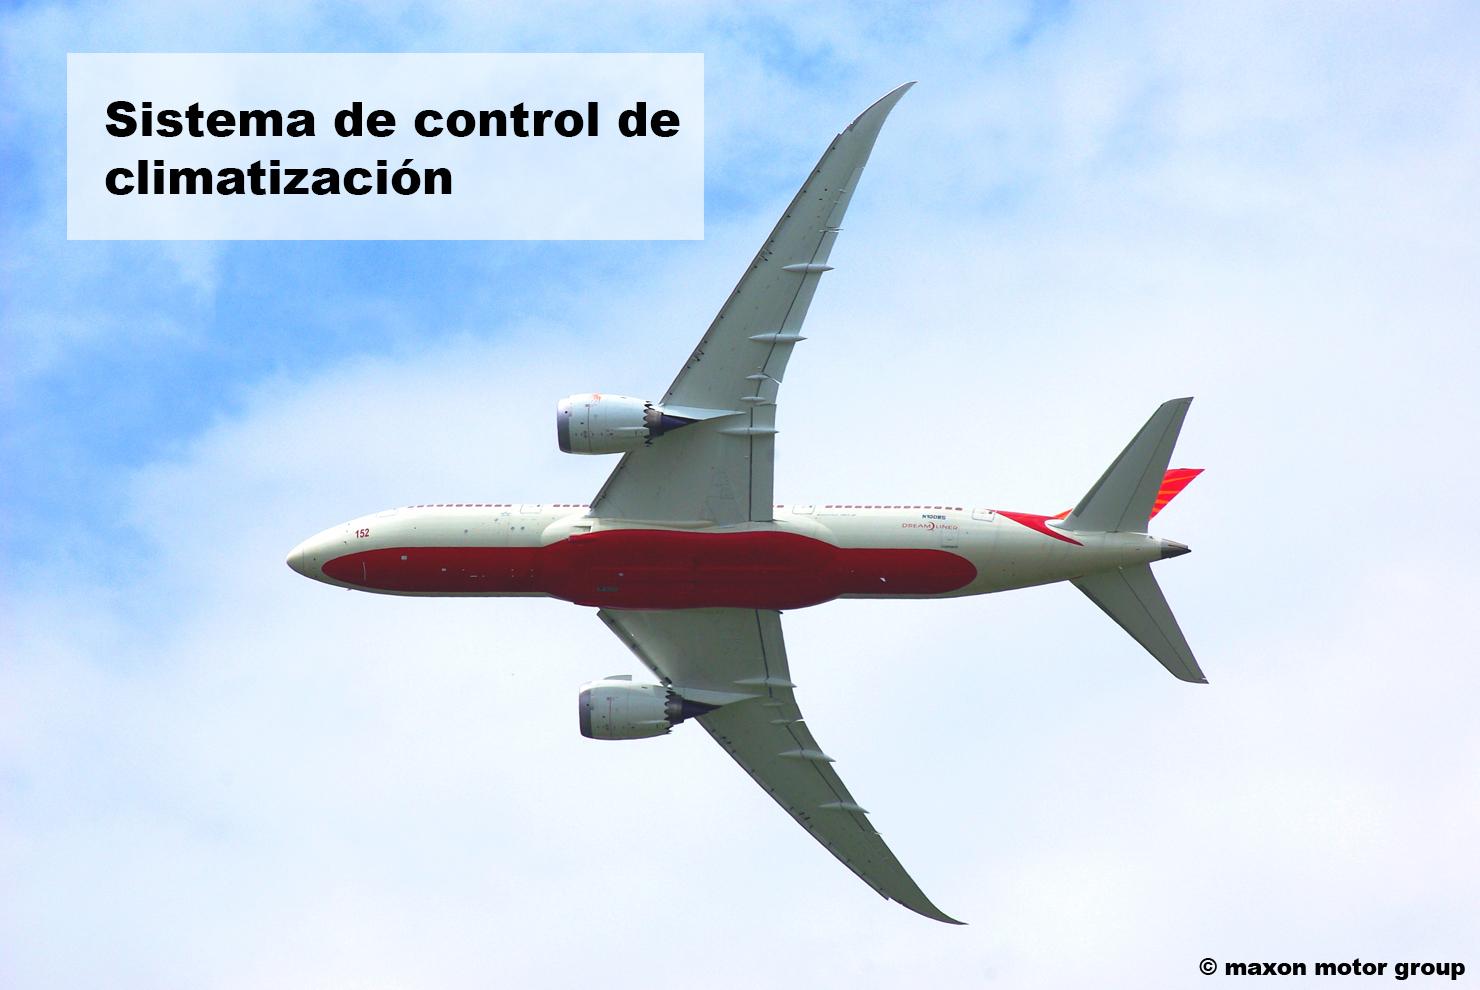 Motores DC en la climatización del avión